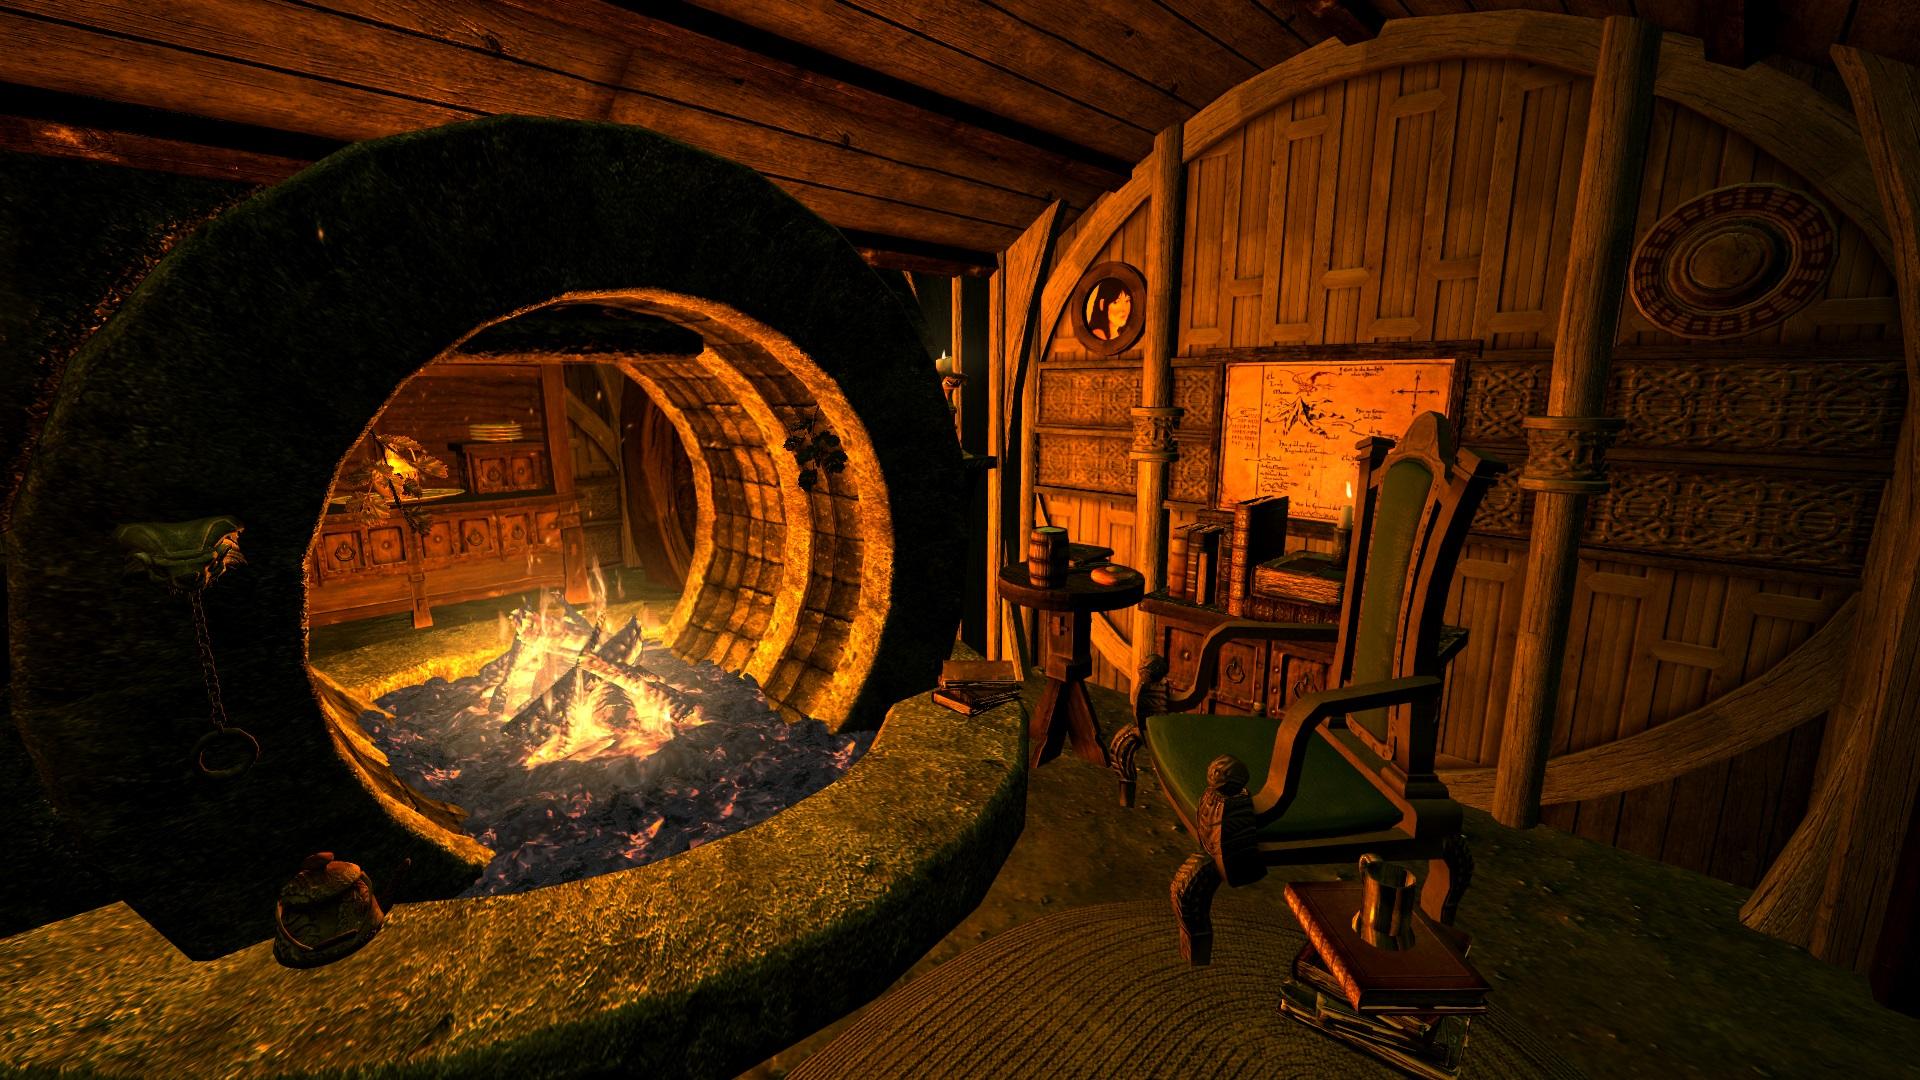 Выпущен мод Middle Earth Path of Hobbit для Skyrim, в котором более 500 NPC, квесты, заклинания и многое другое